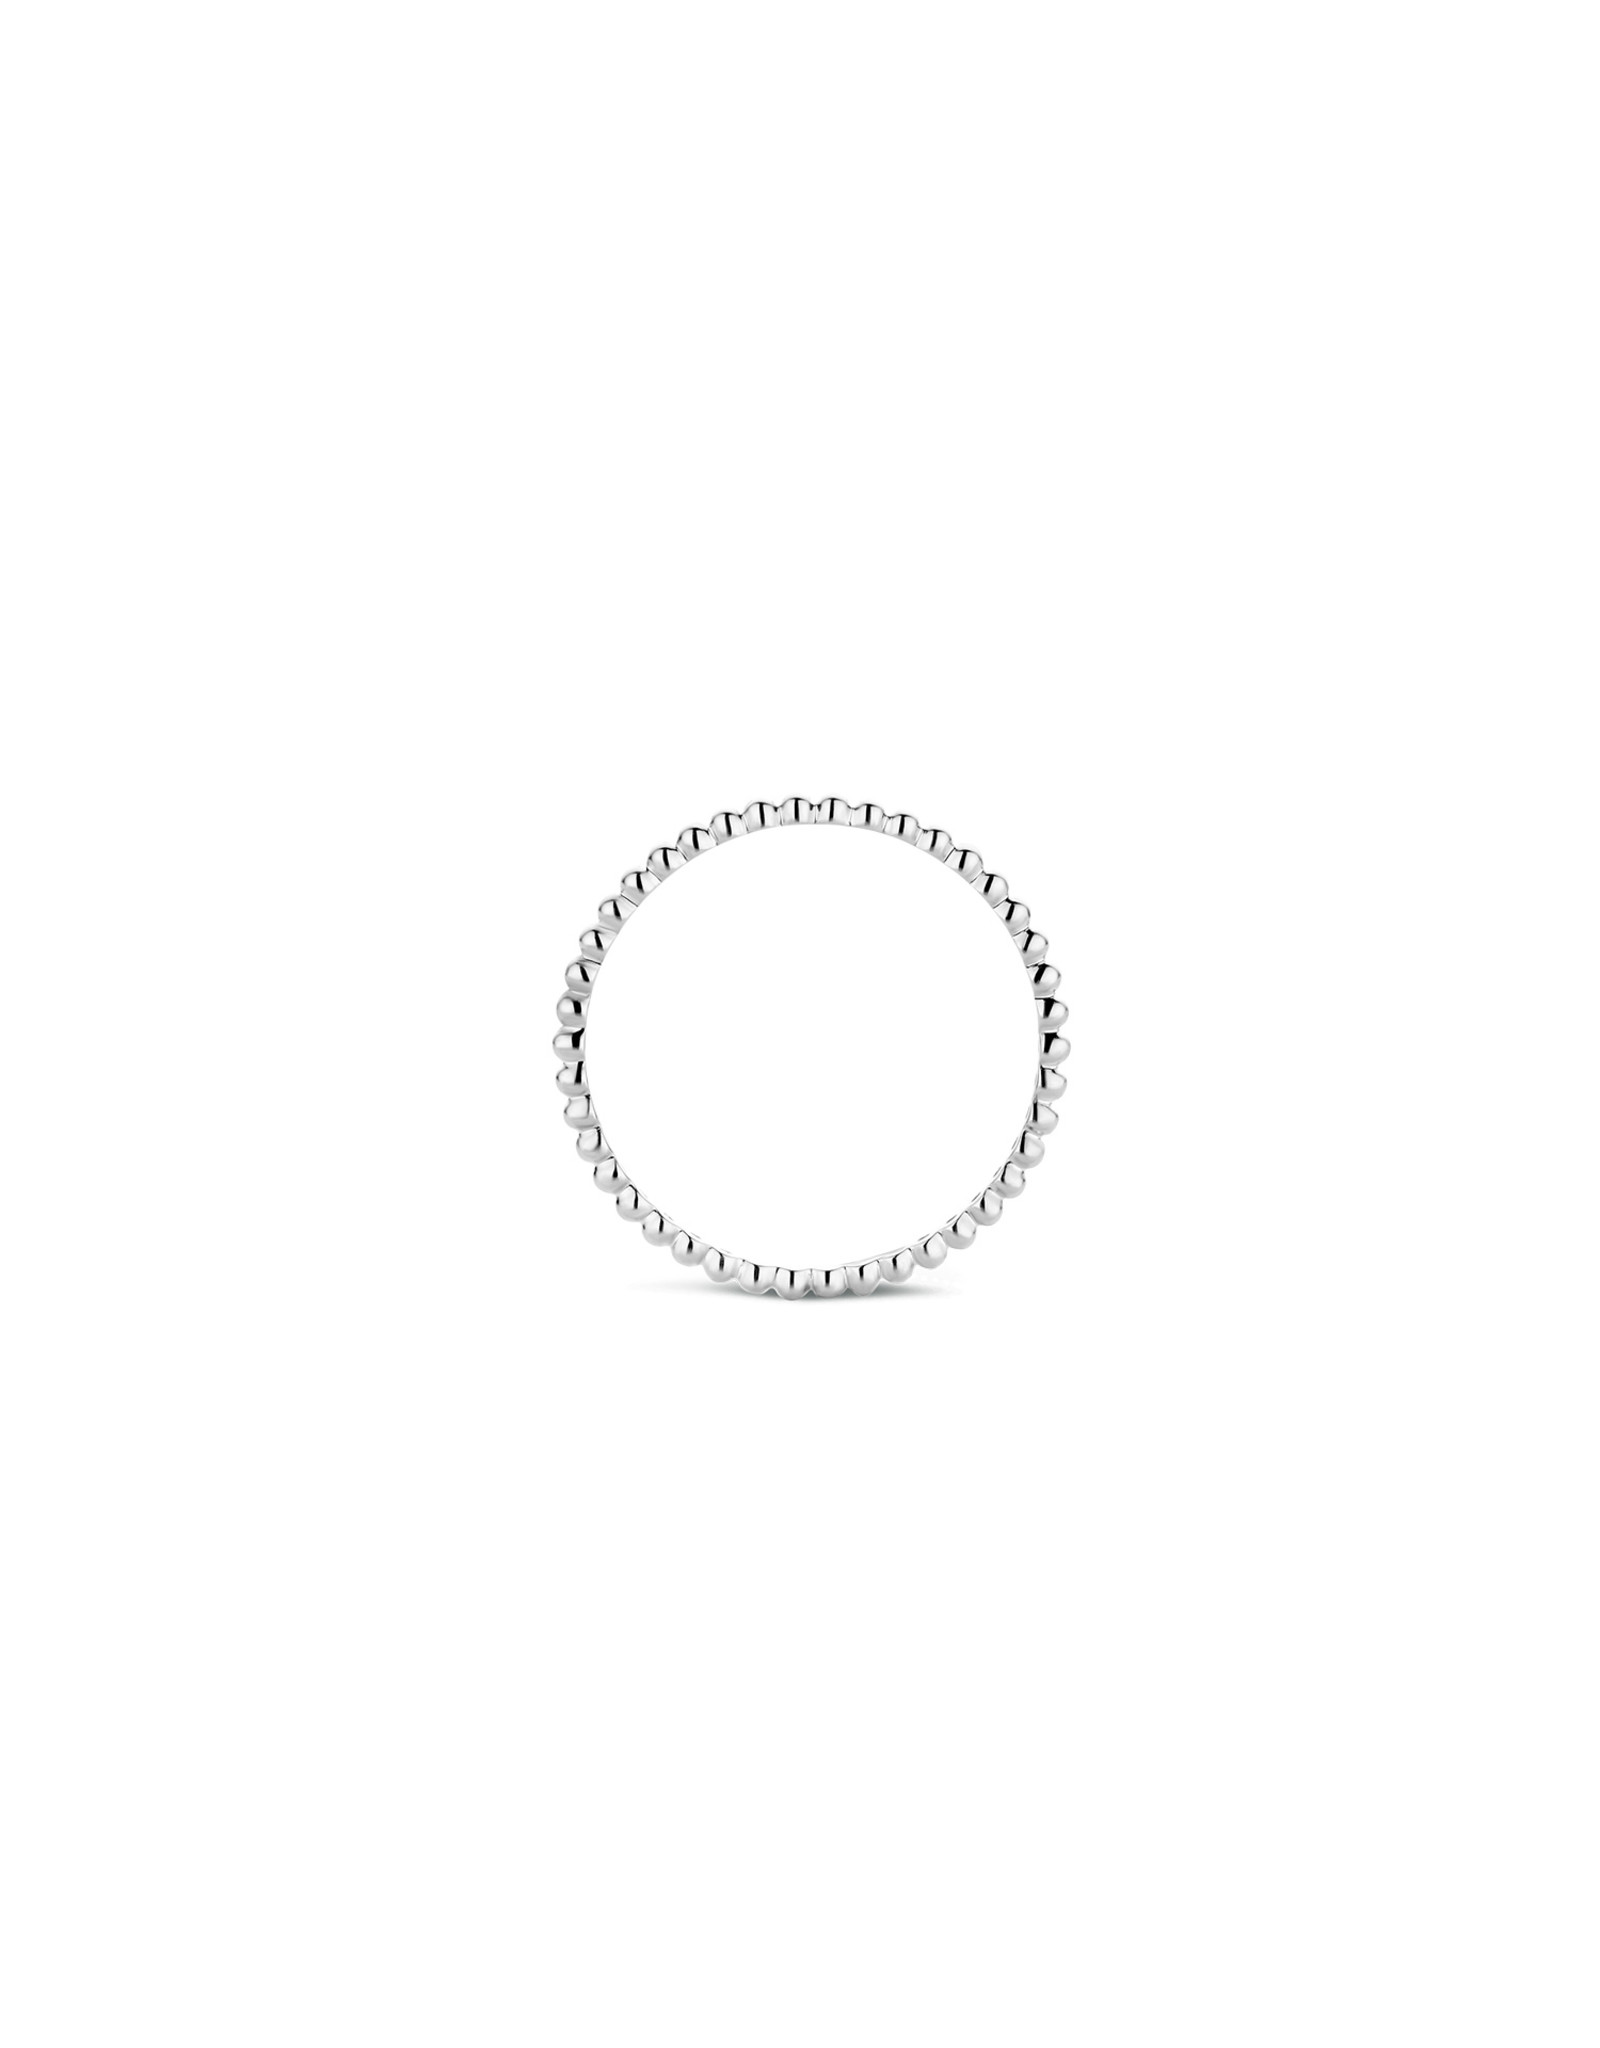 Blush Ring Blush Wit Goud 14kt 1195WGO Zirkonium maat 52